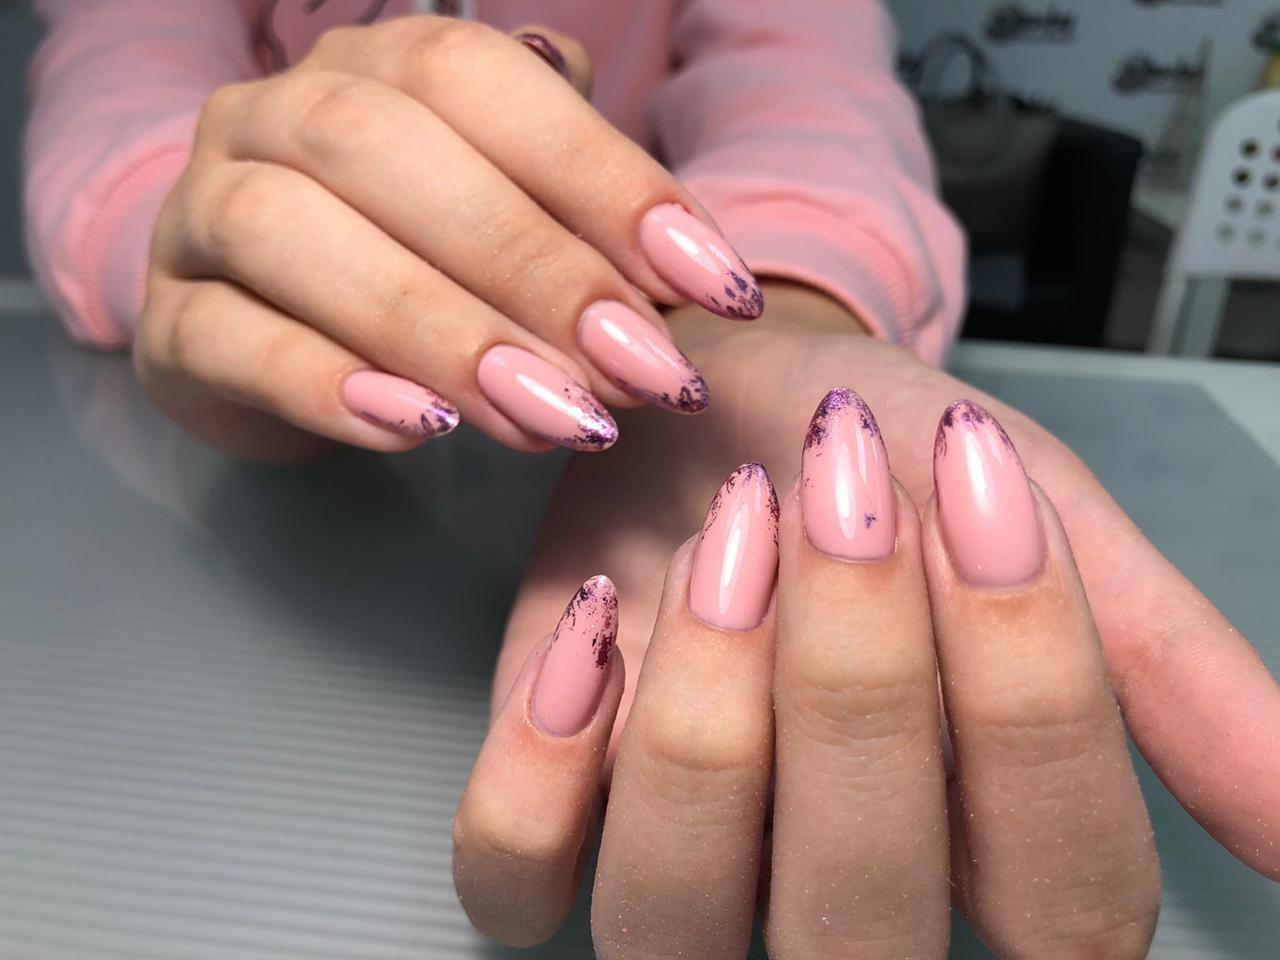 Маникюр с цветной фольгой в розовом цвете на длинные ногти.